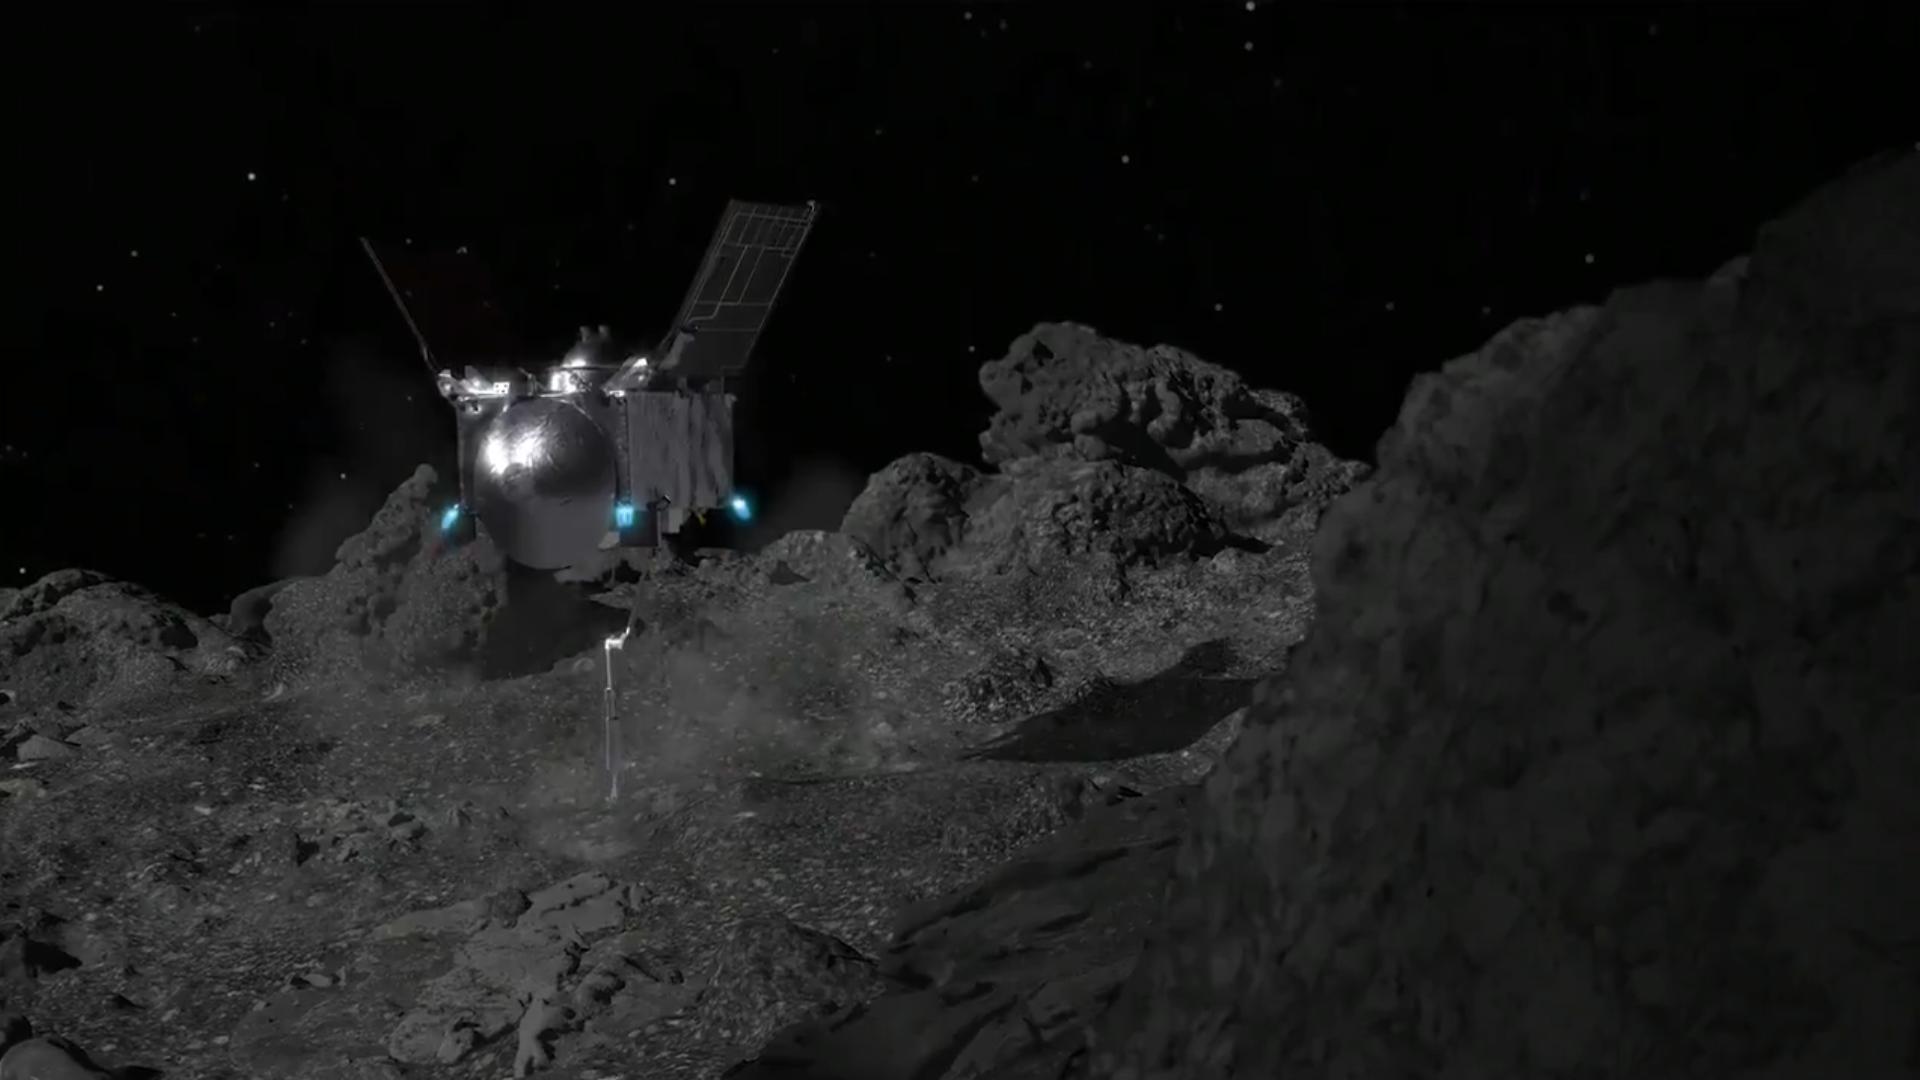 Зонд NASA зачерпнул грунт с пролетающего мимо астероида